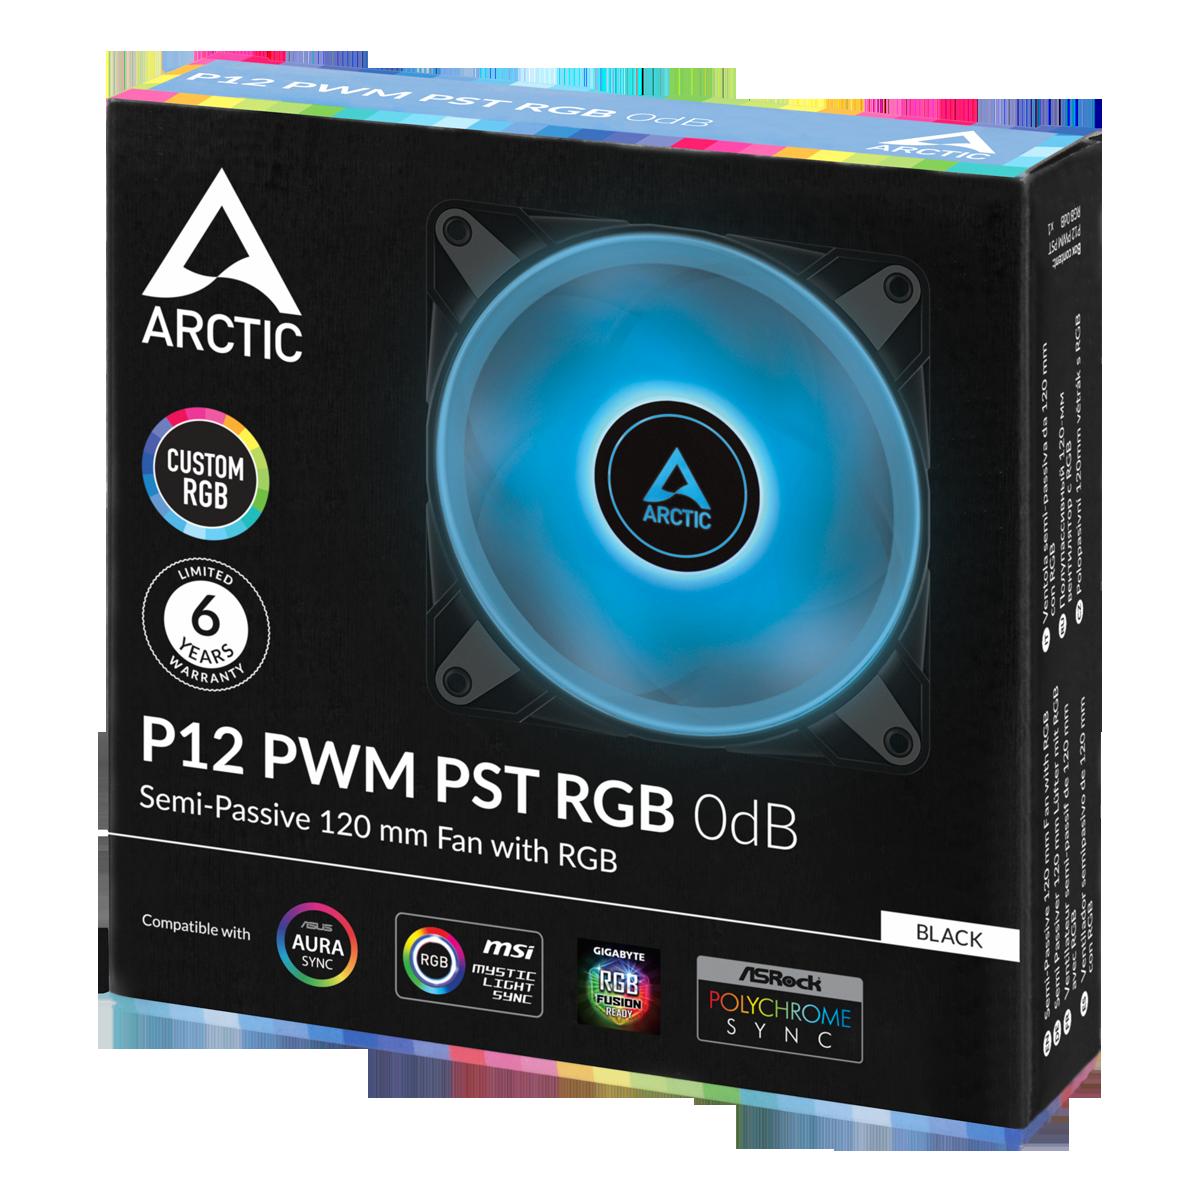 P12 PWM PST RGB 0dB